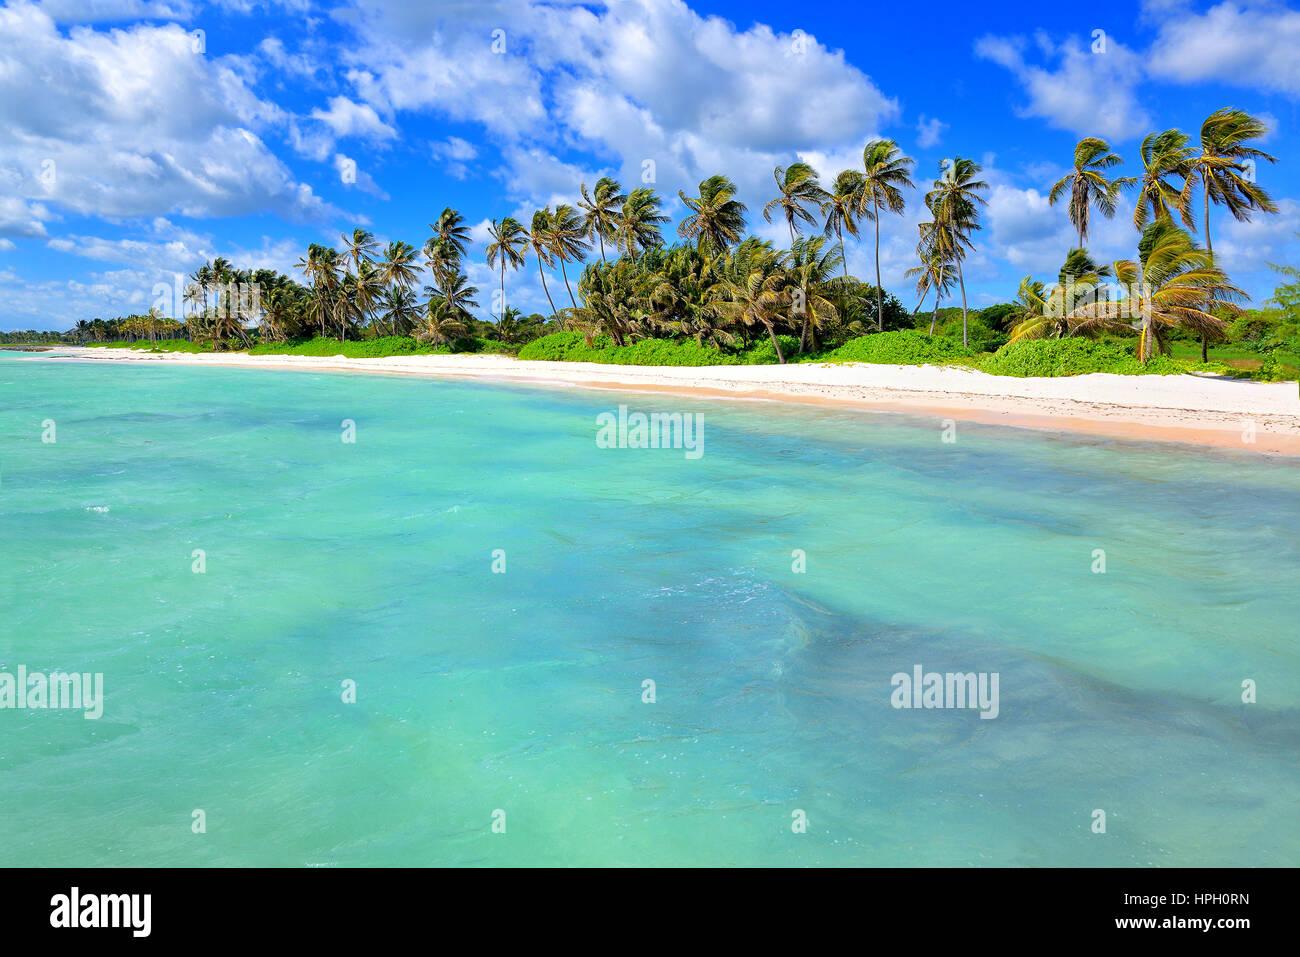 Tropical spiaggia di sabbia bianca con alberi di palma. Punta Cana, Repubblica Dominicana Immagini Stock